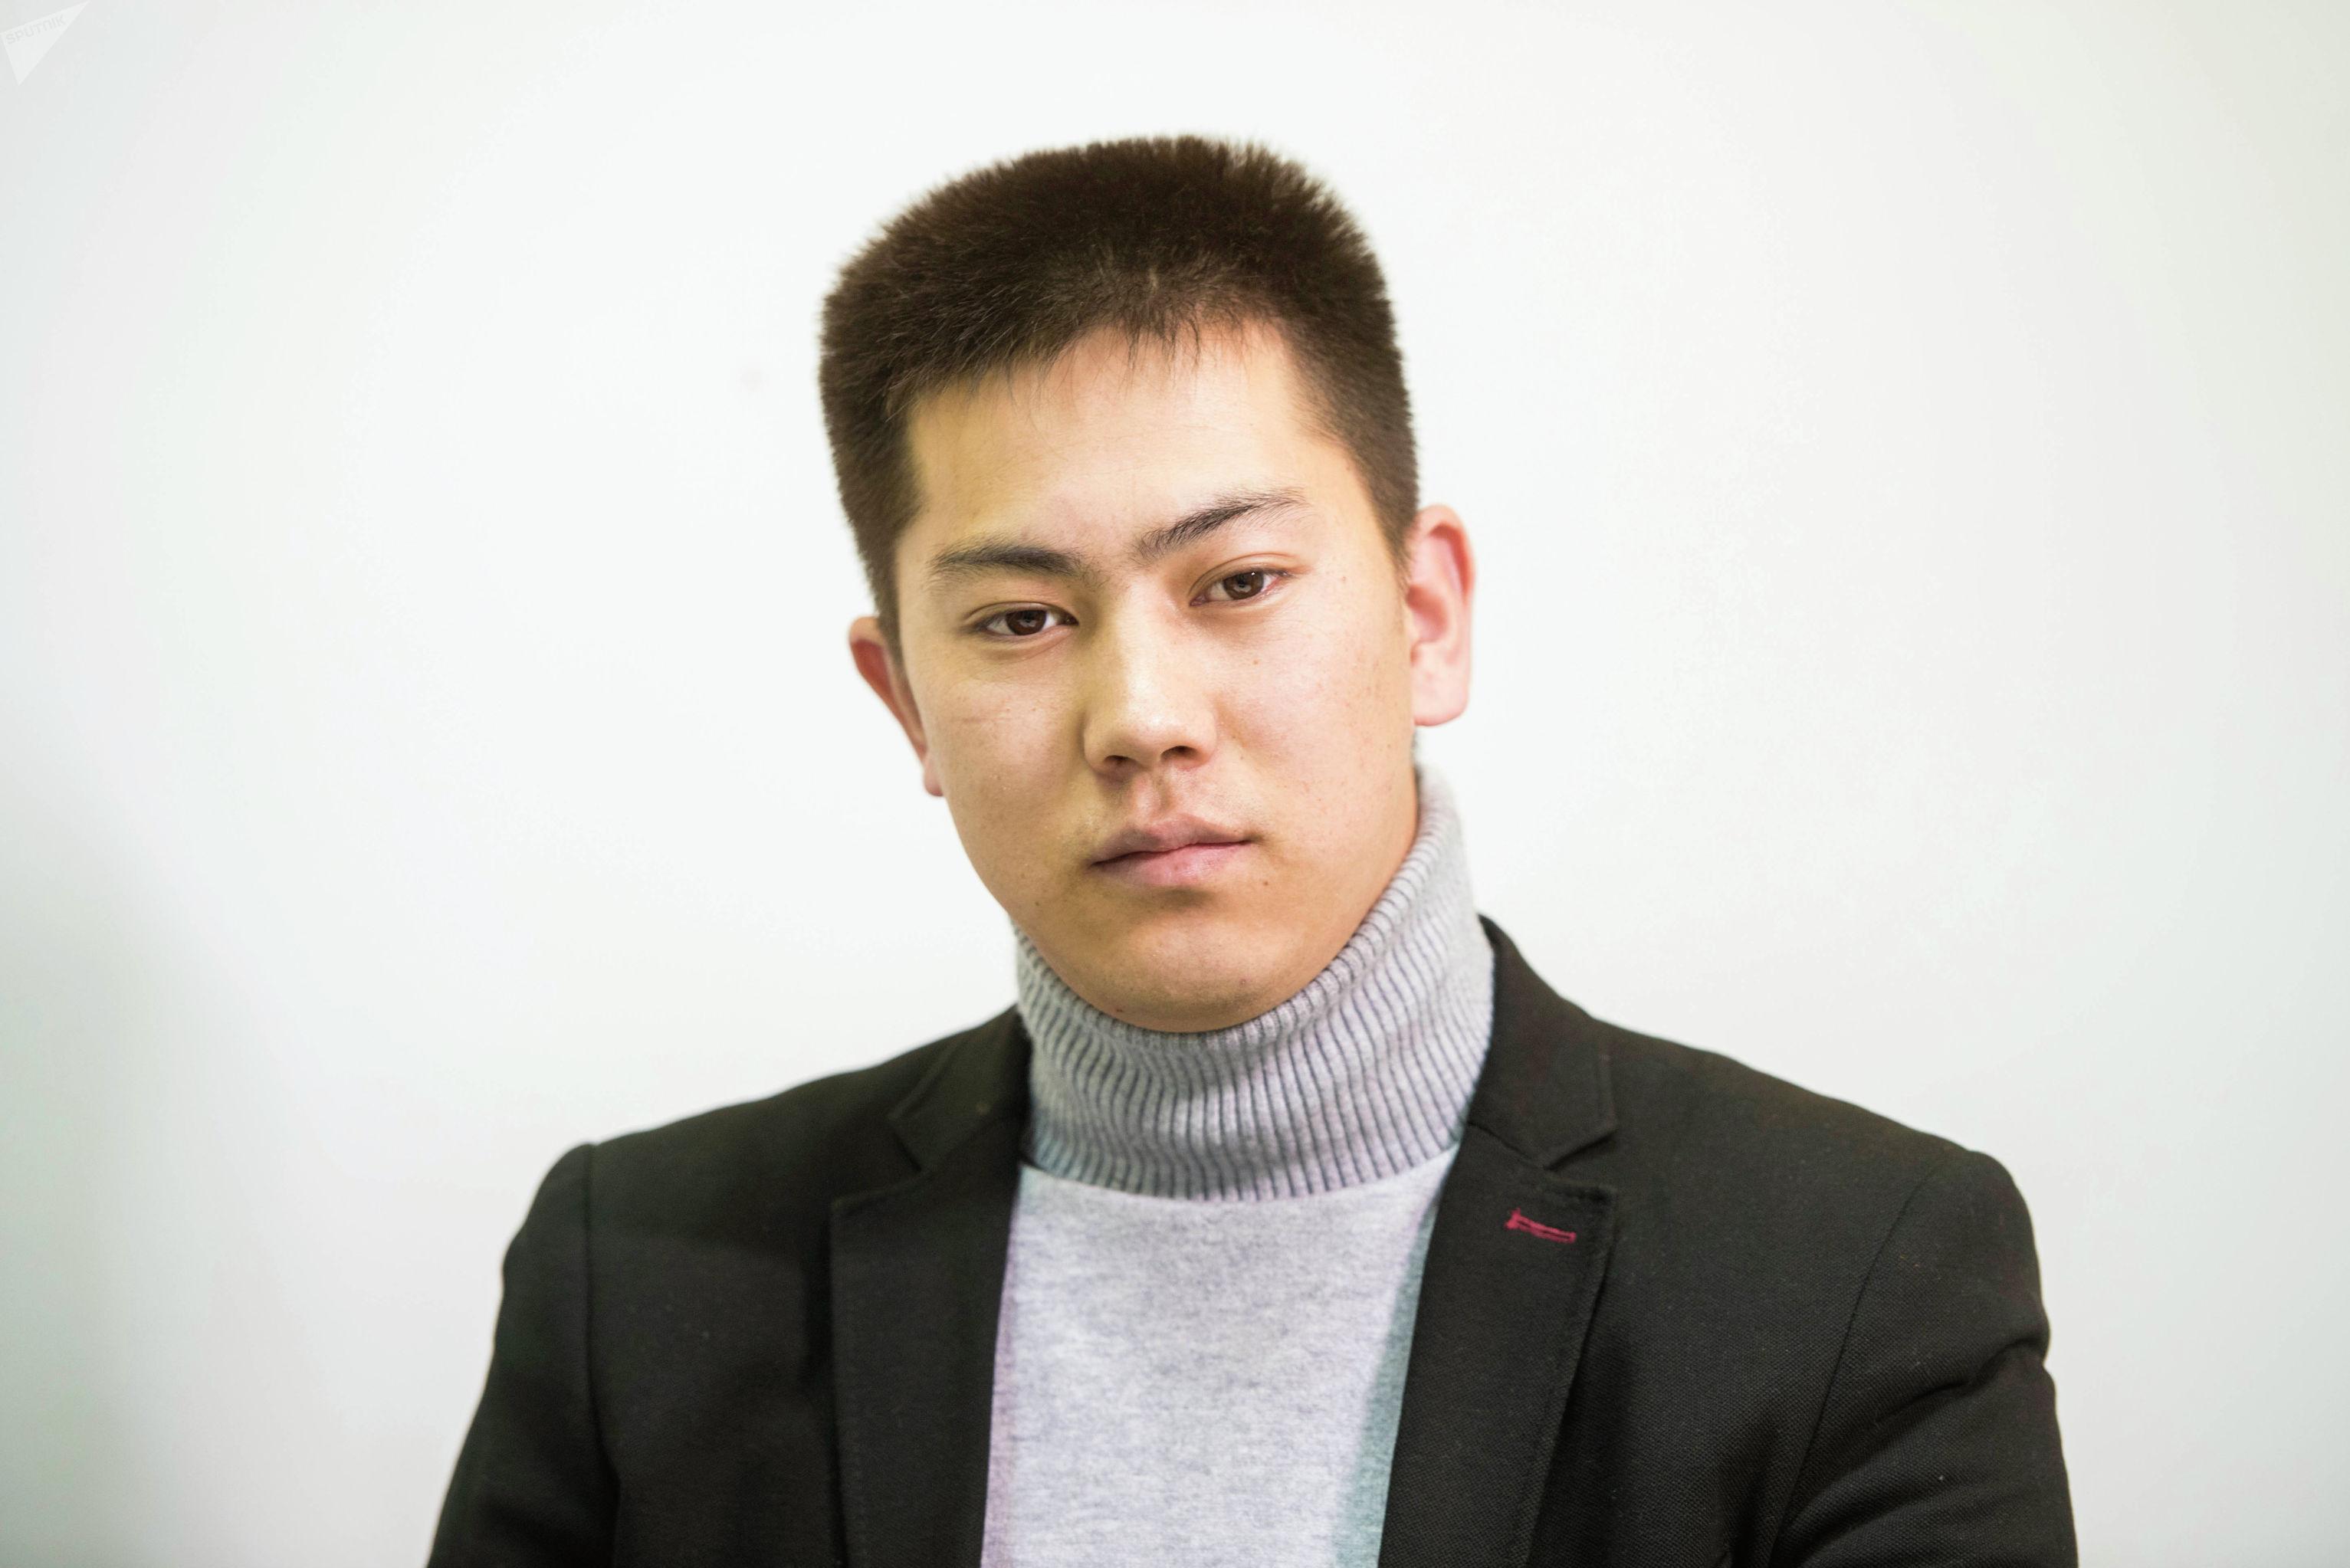 Предприниматель Талгат Жаныбаев один из владельцев часового бренда и интернет-магазинов